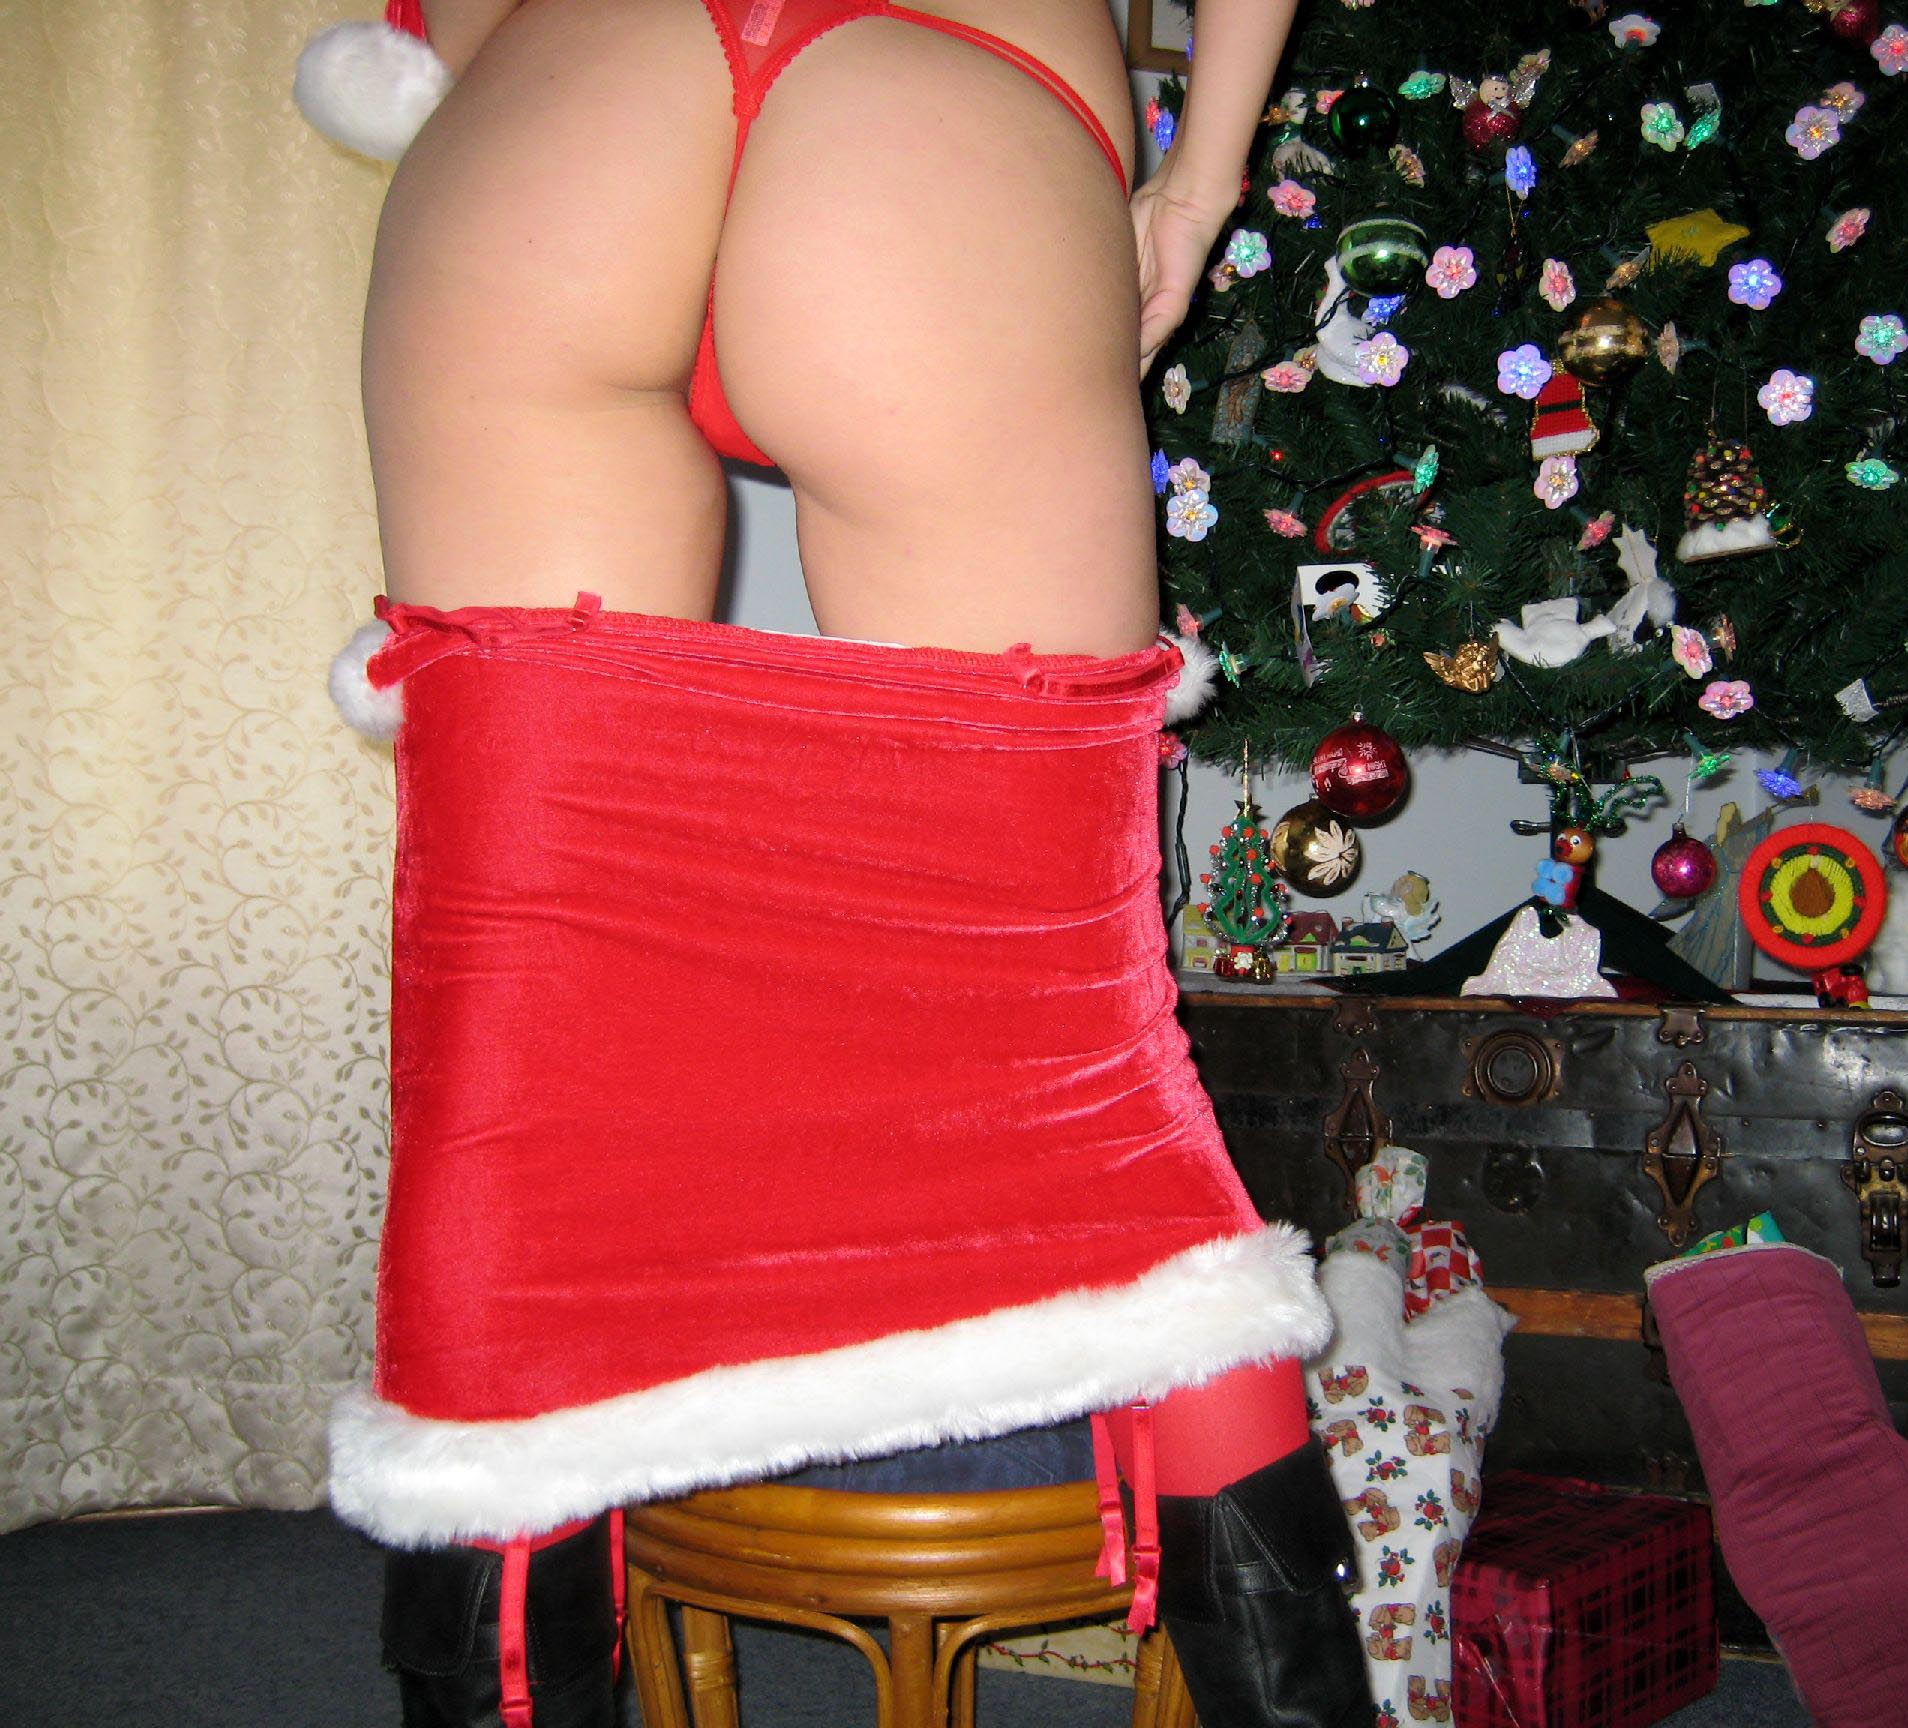 big-boobs-amateur-exgirlfriend-santa-xmas-nude-16